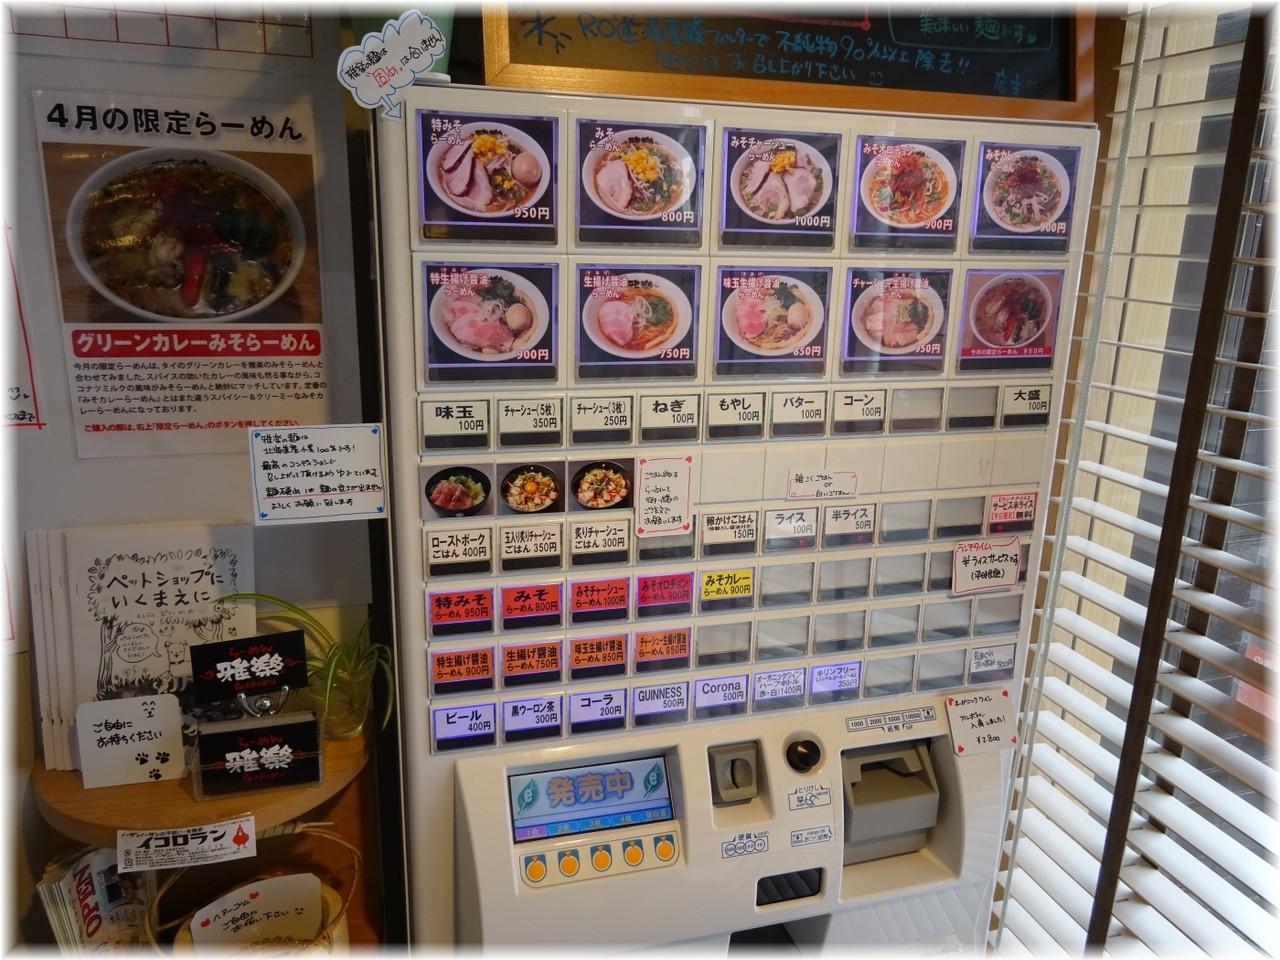 雅楽3 食券機